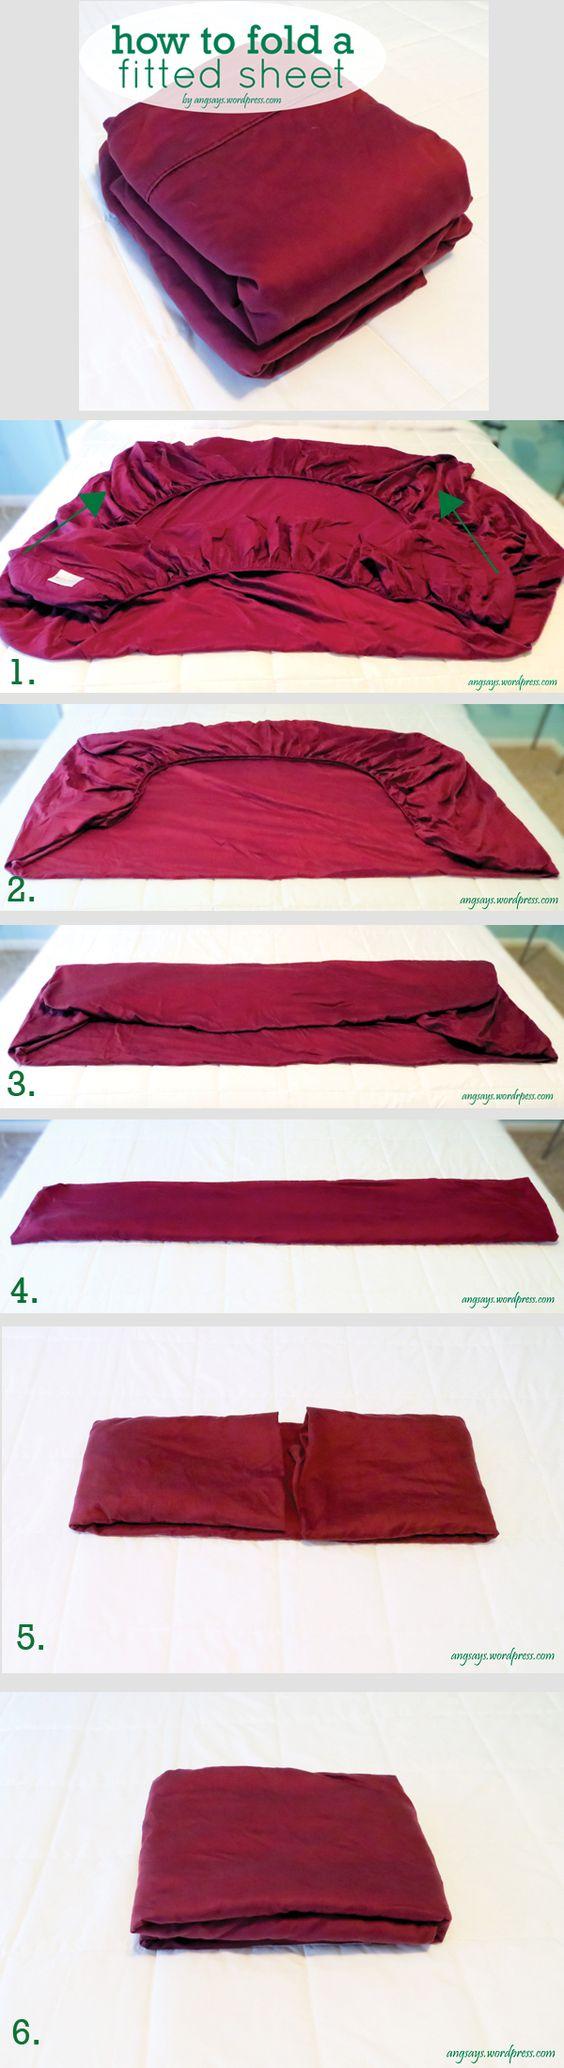 Как сложить простыню на резинке